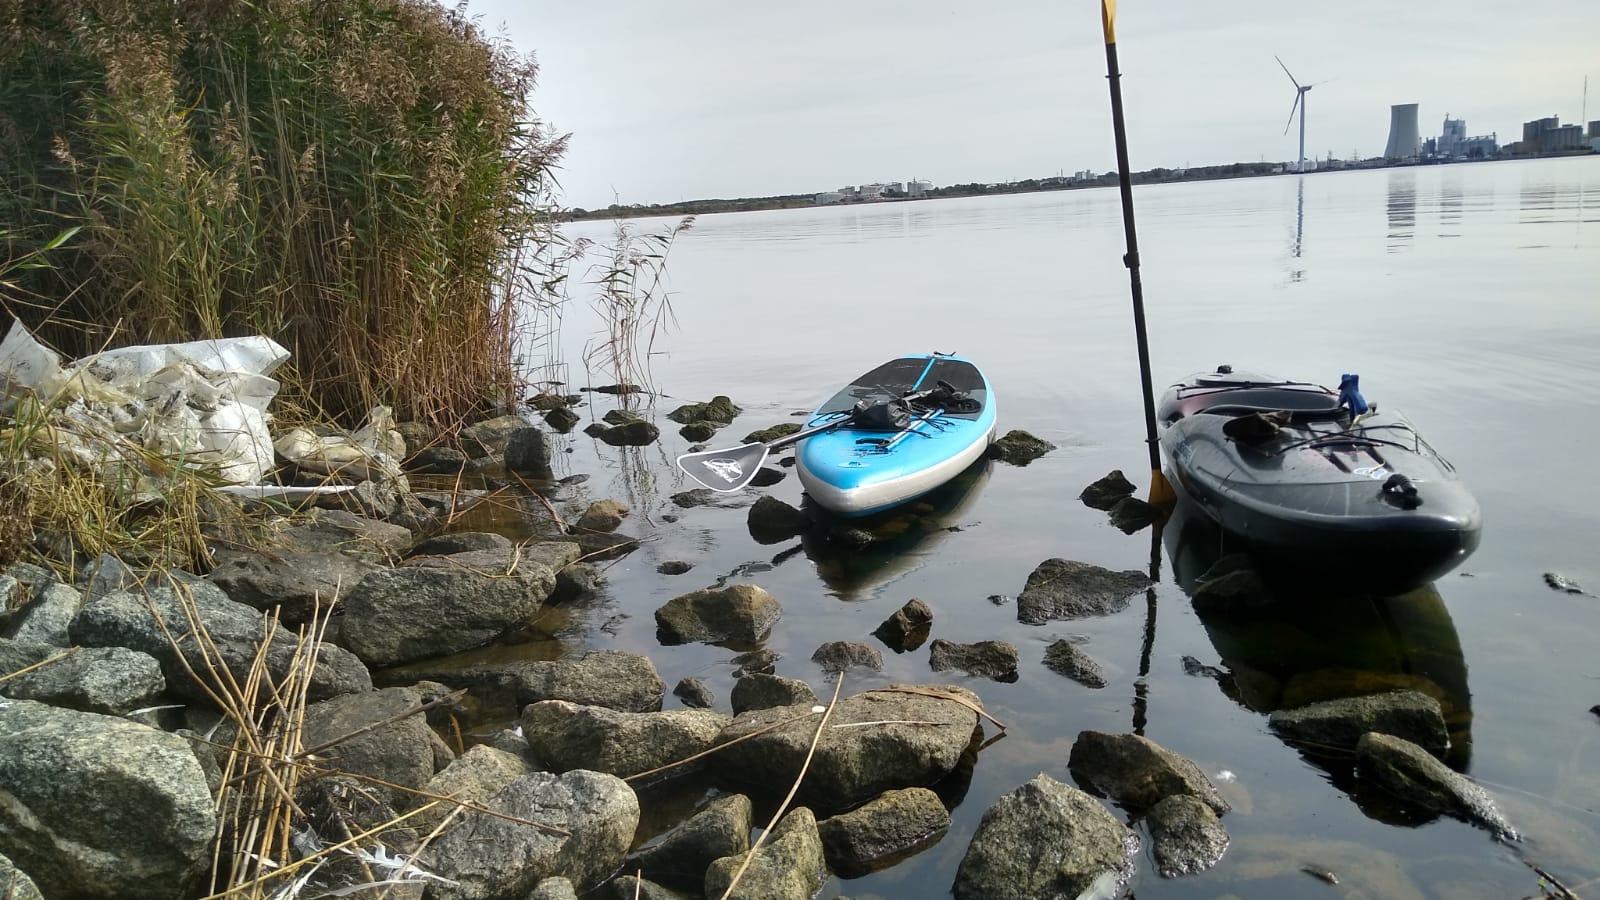 Mit dem Kajak und dem Standup Paddleboard erreicht man die vermülltesten Ecken. Bild: O. Schätzchen